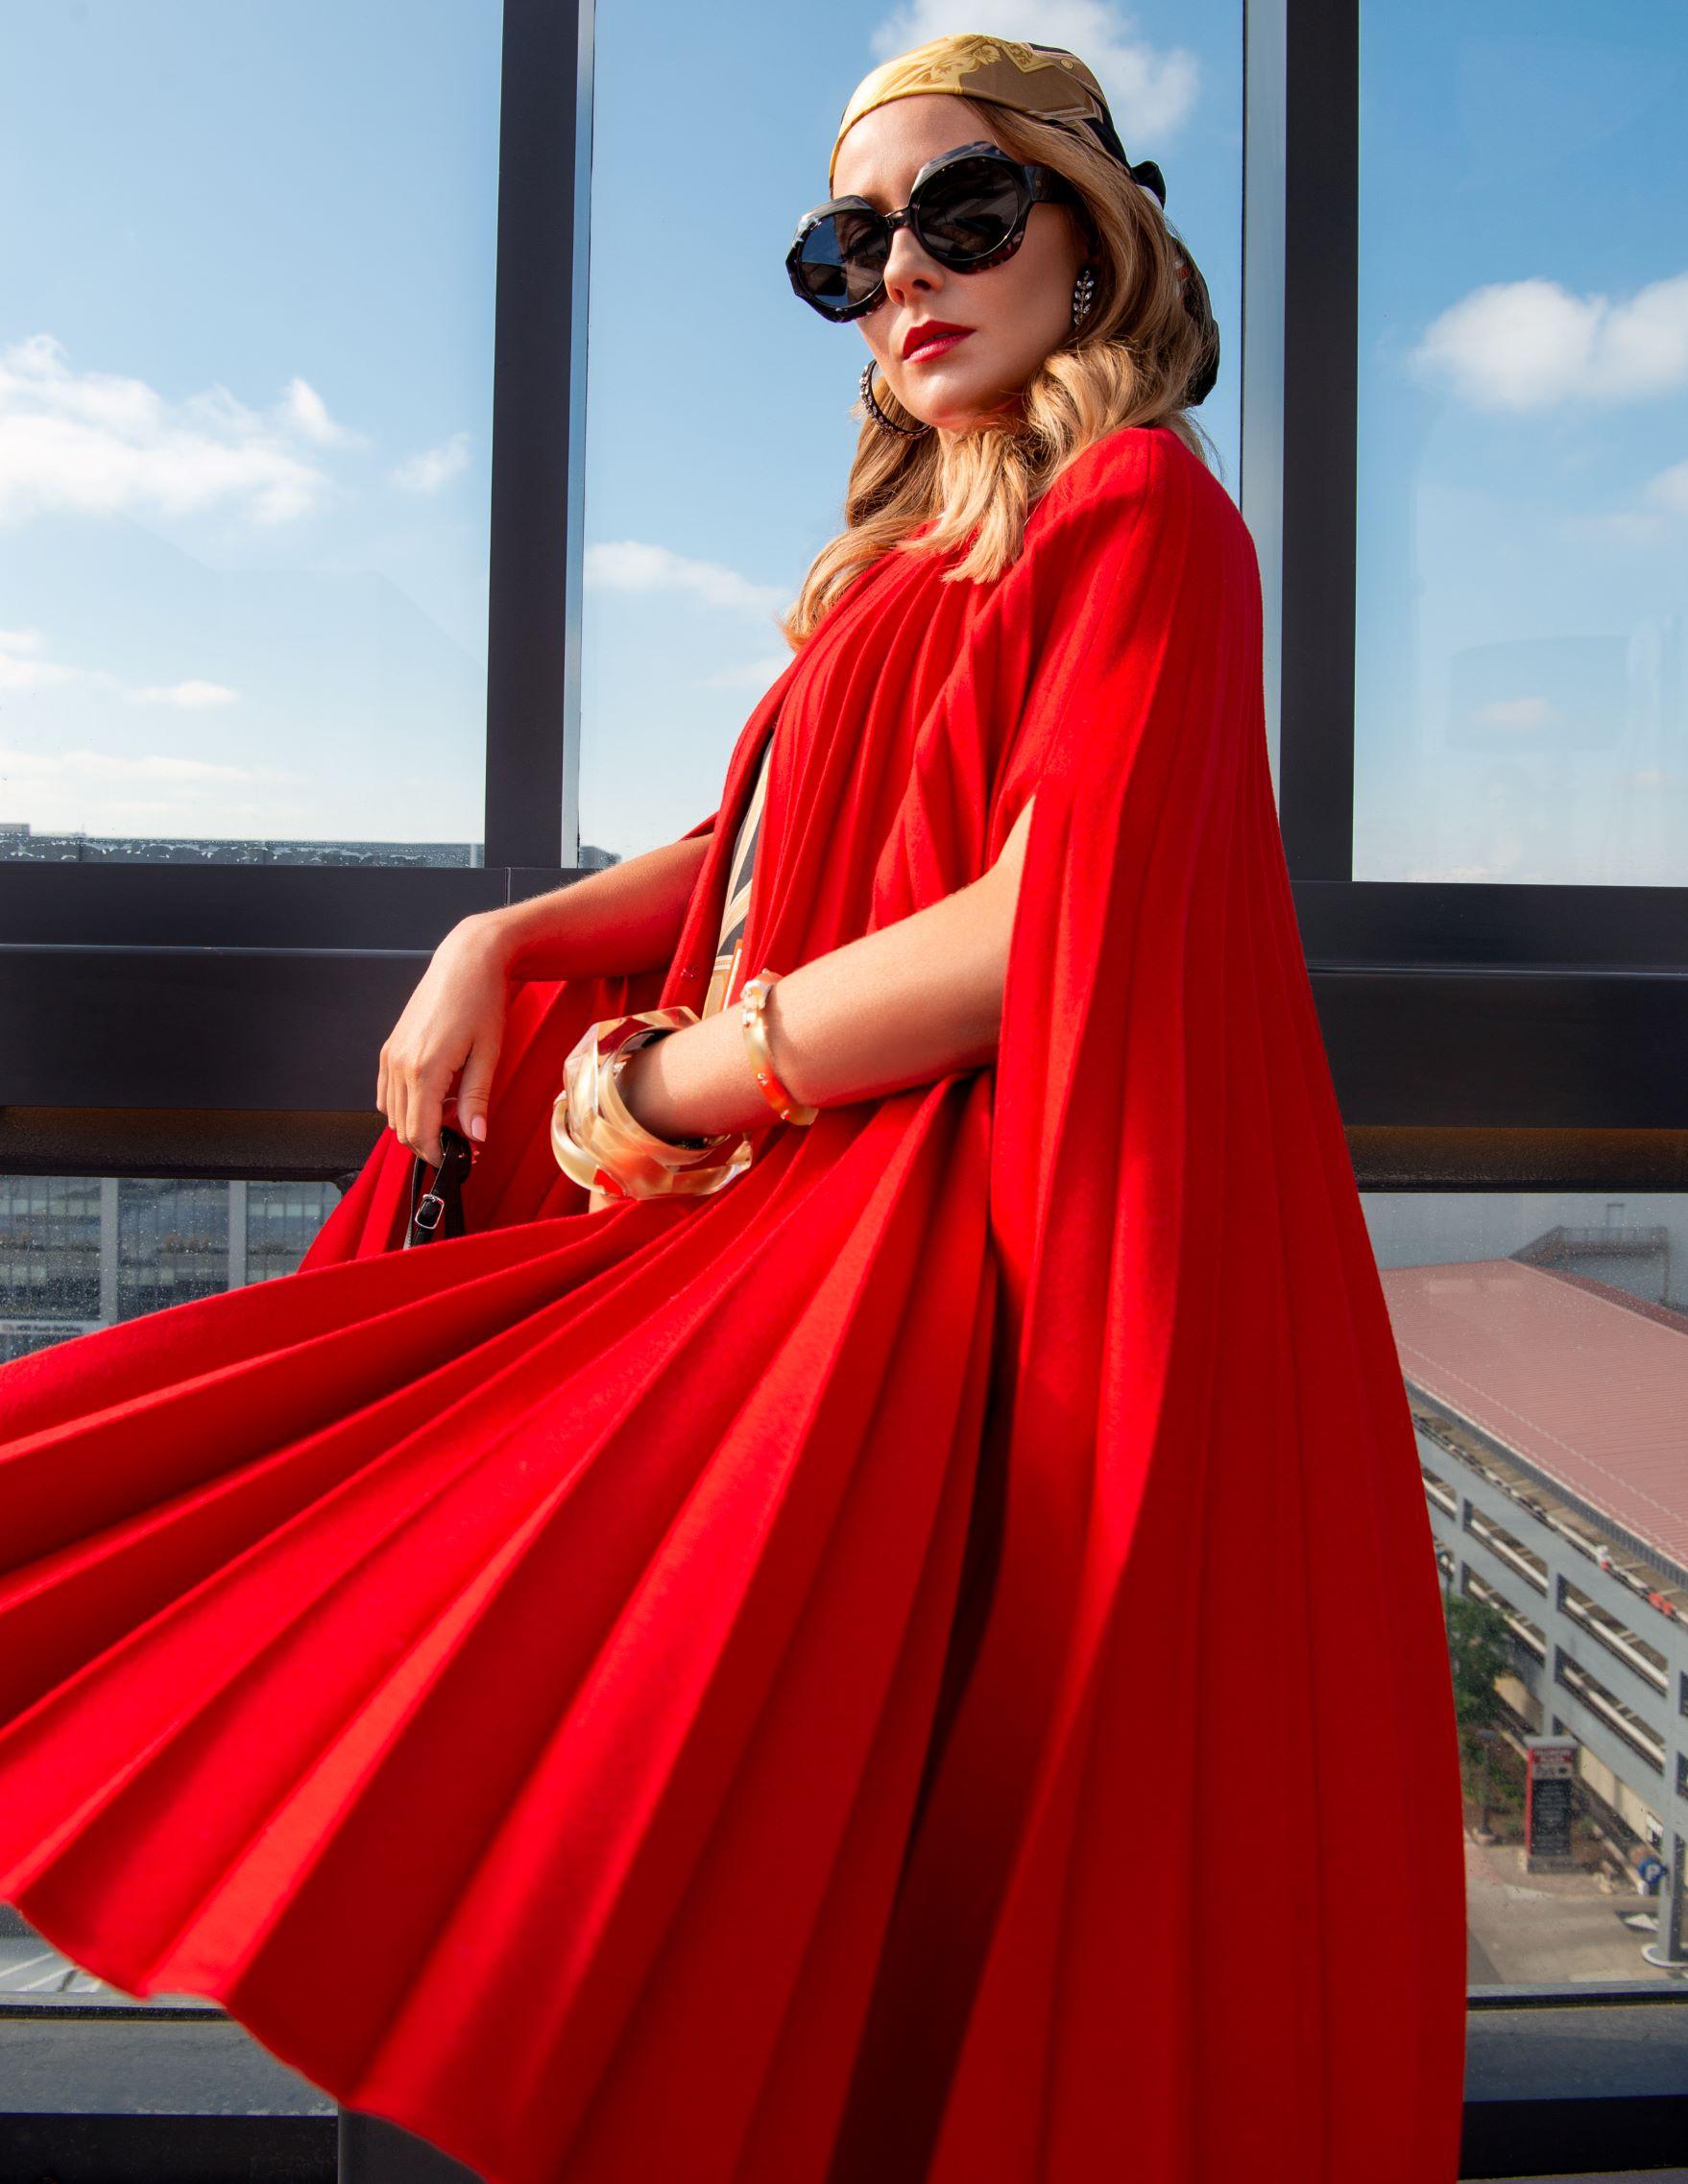 Dress: Burberry, Cape: Valentino, Sunglasses: Dior, Sandals: Balenciaga, Earrings: Oscar de la Renta, Bracelets: Alexis Bitar, Scarf: Burberry